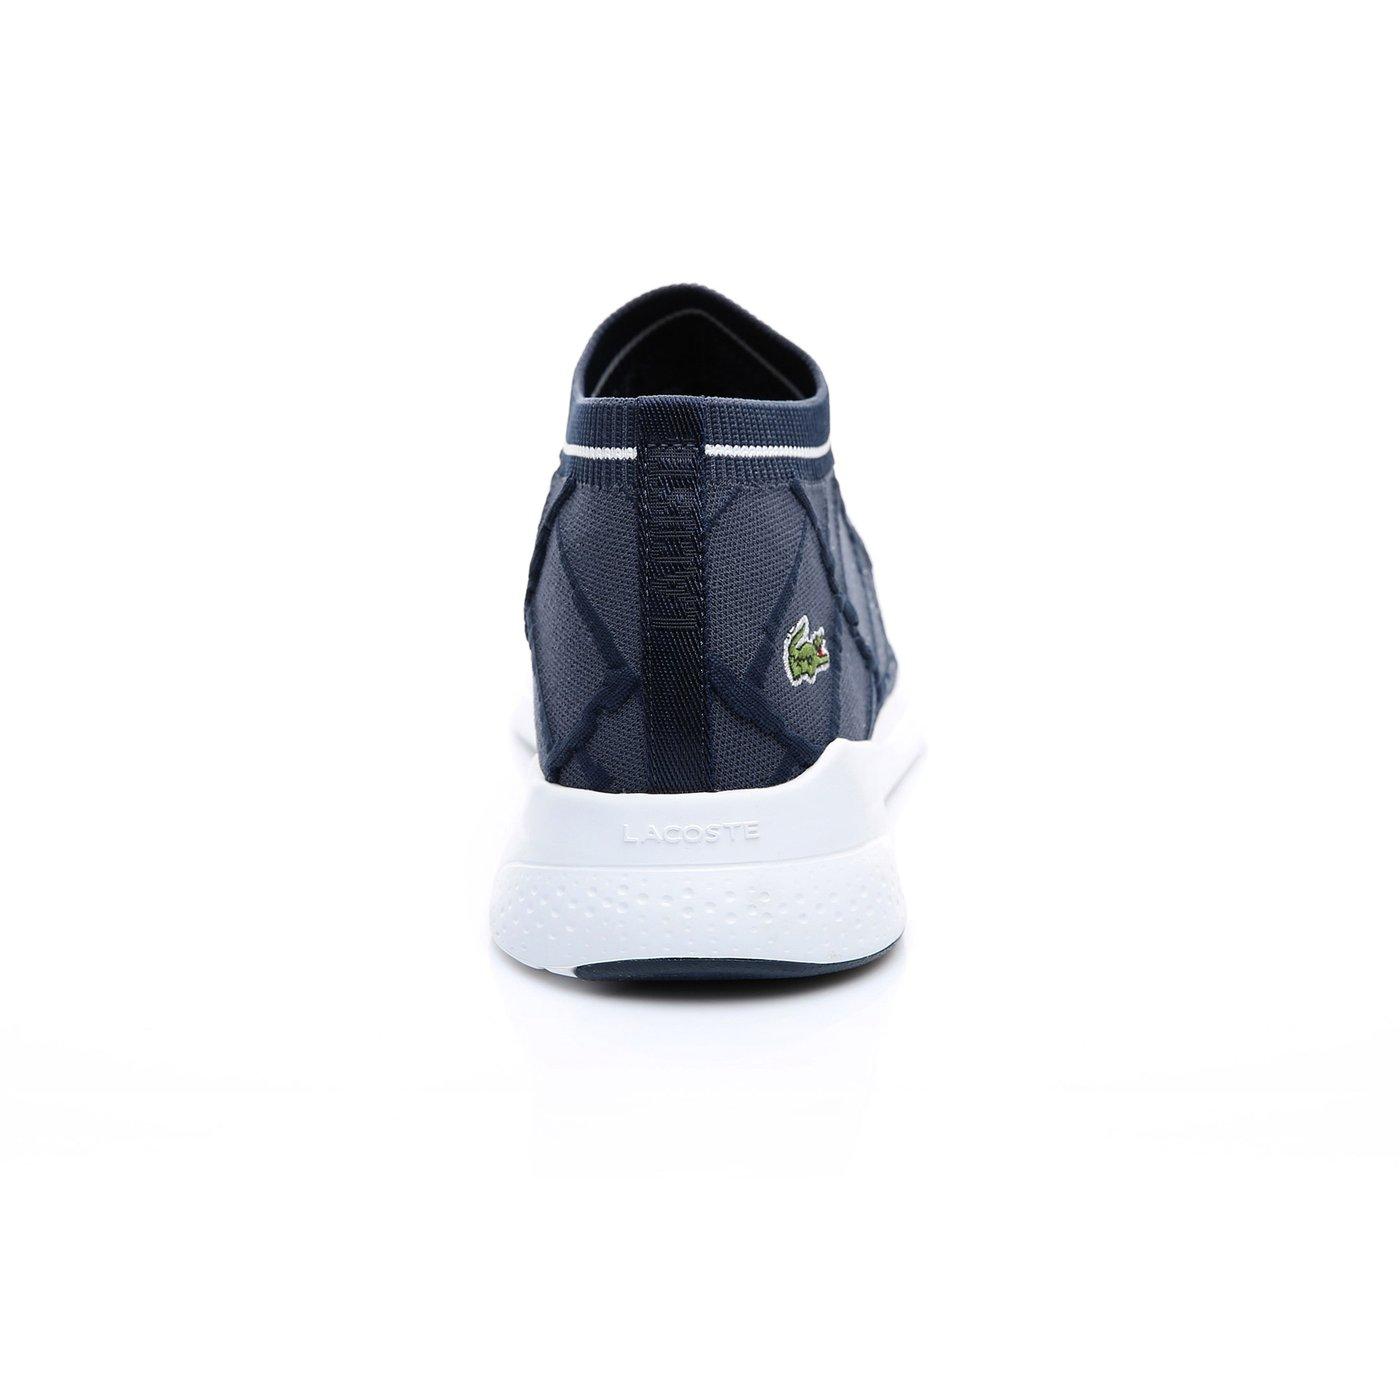 Кросівки чоловічі Lacoste LT FIT SOCK